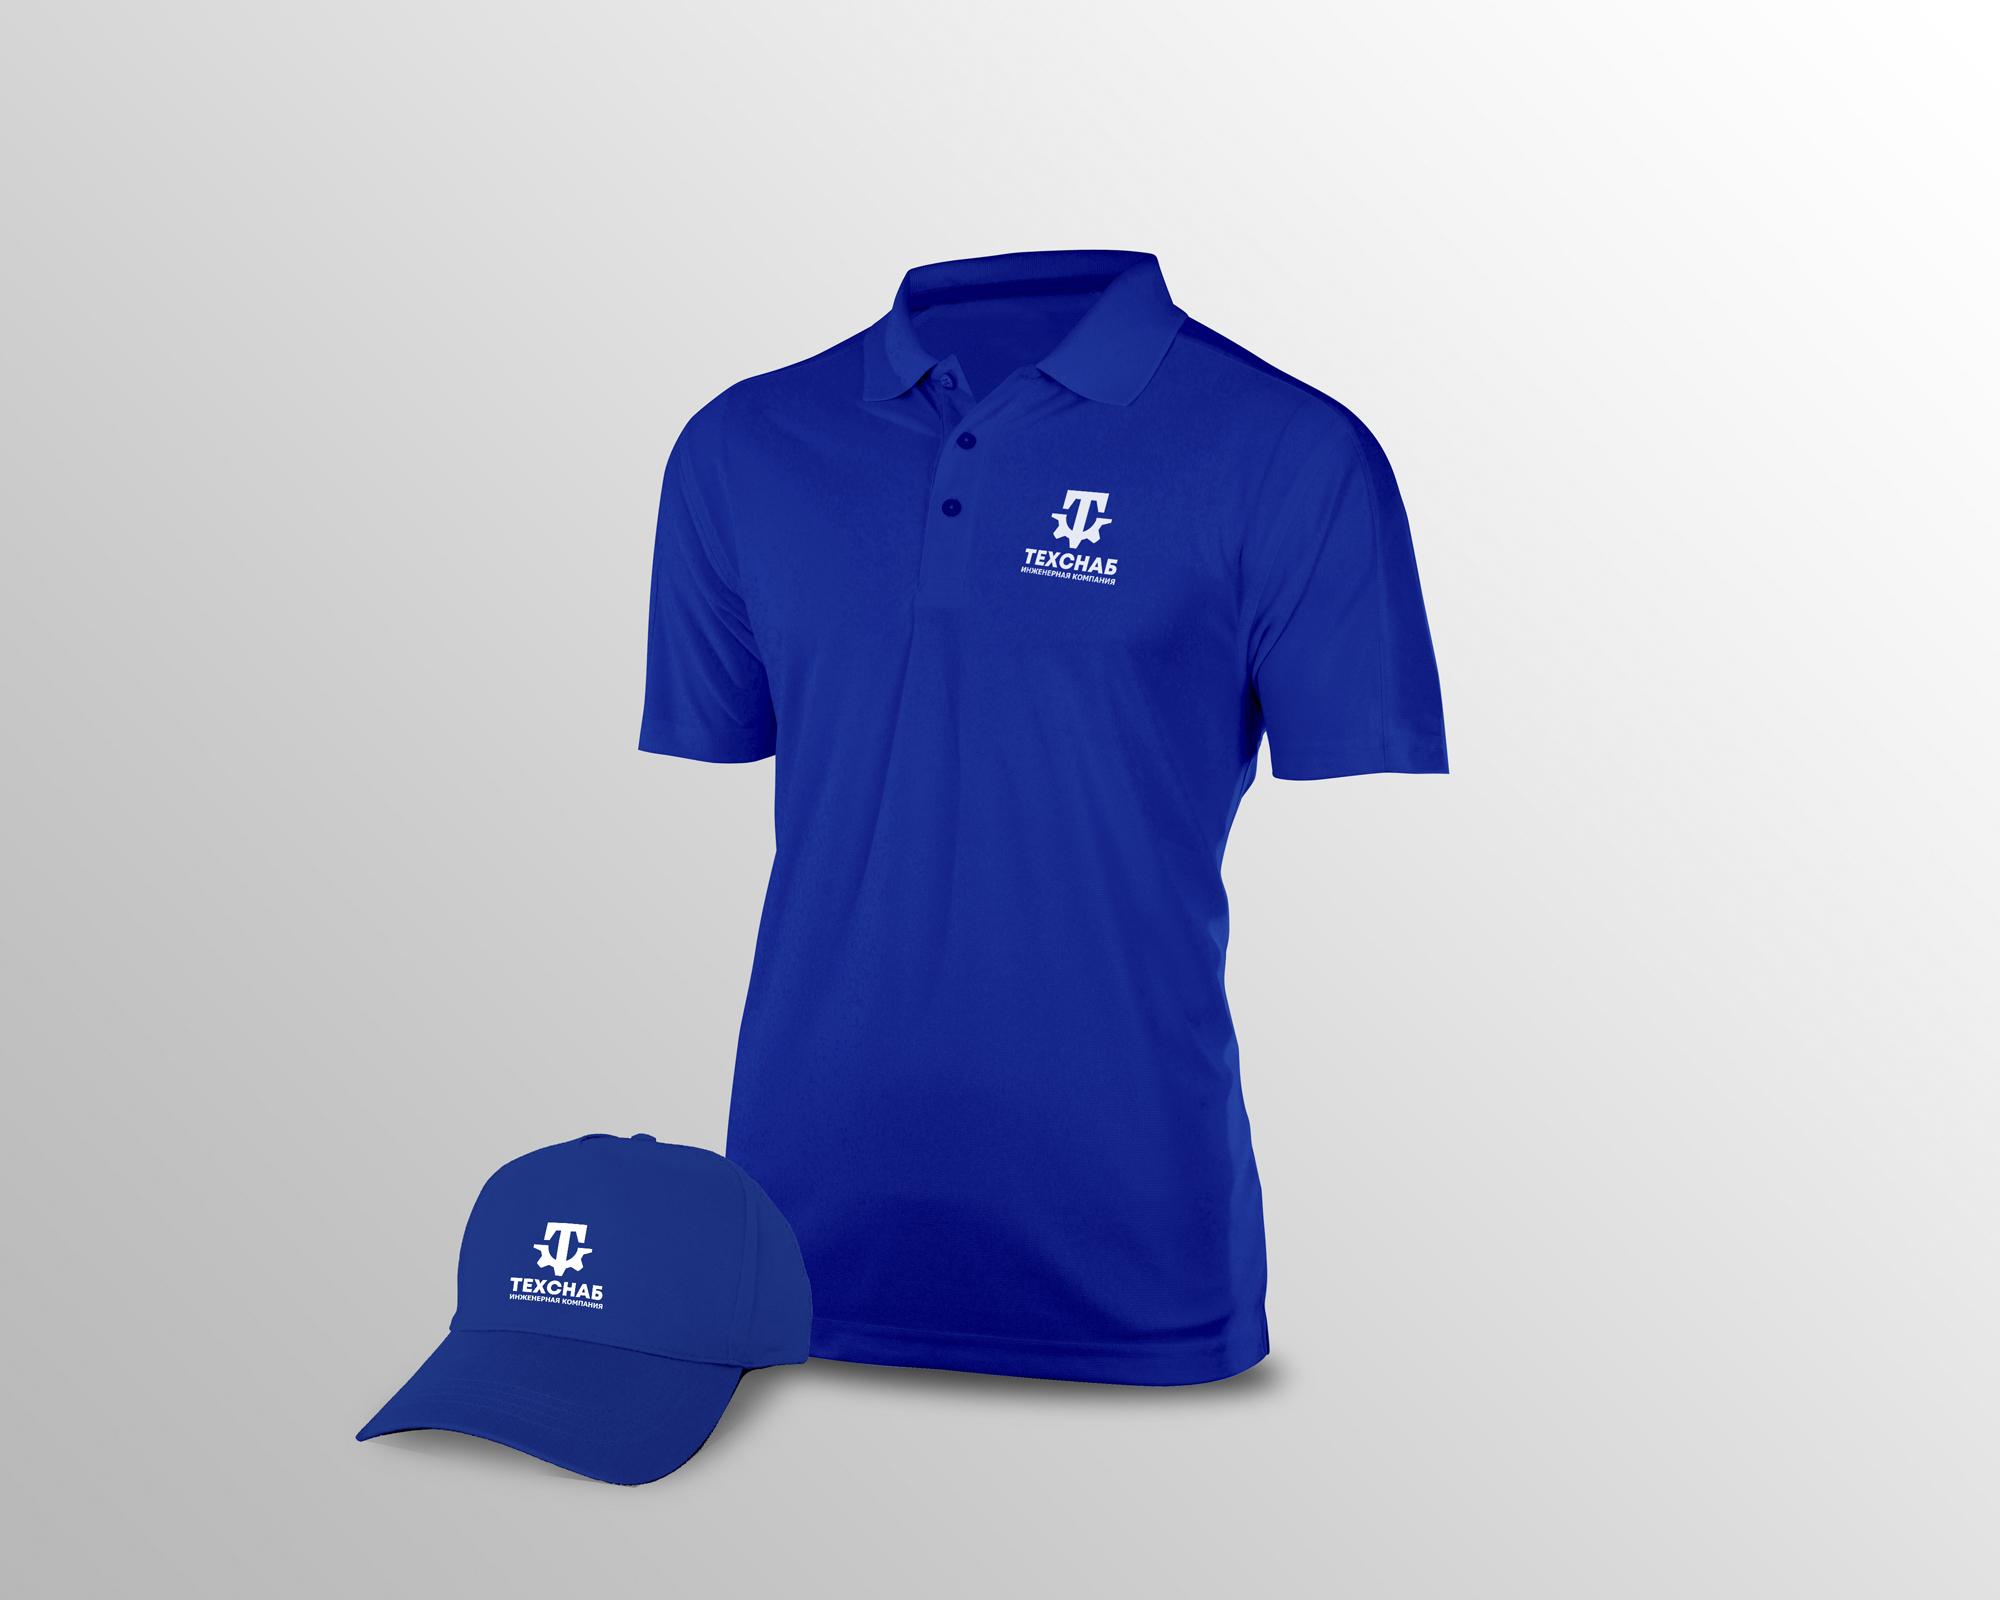 Разработка логотипа и фирм. стиля компании  ТЕХСНАБ фото f_3905b229daa8c21a.jpg